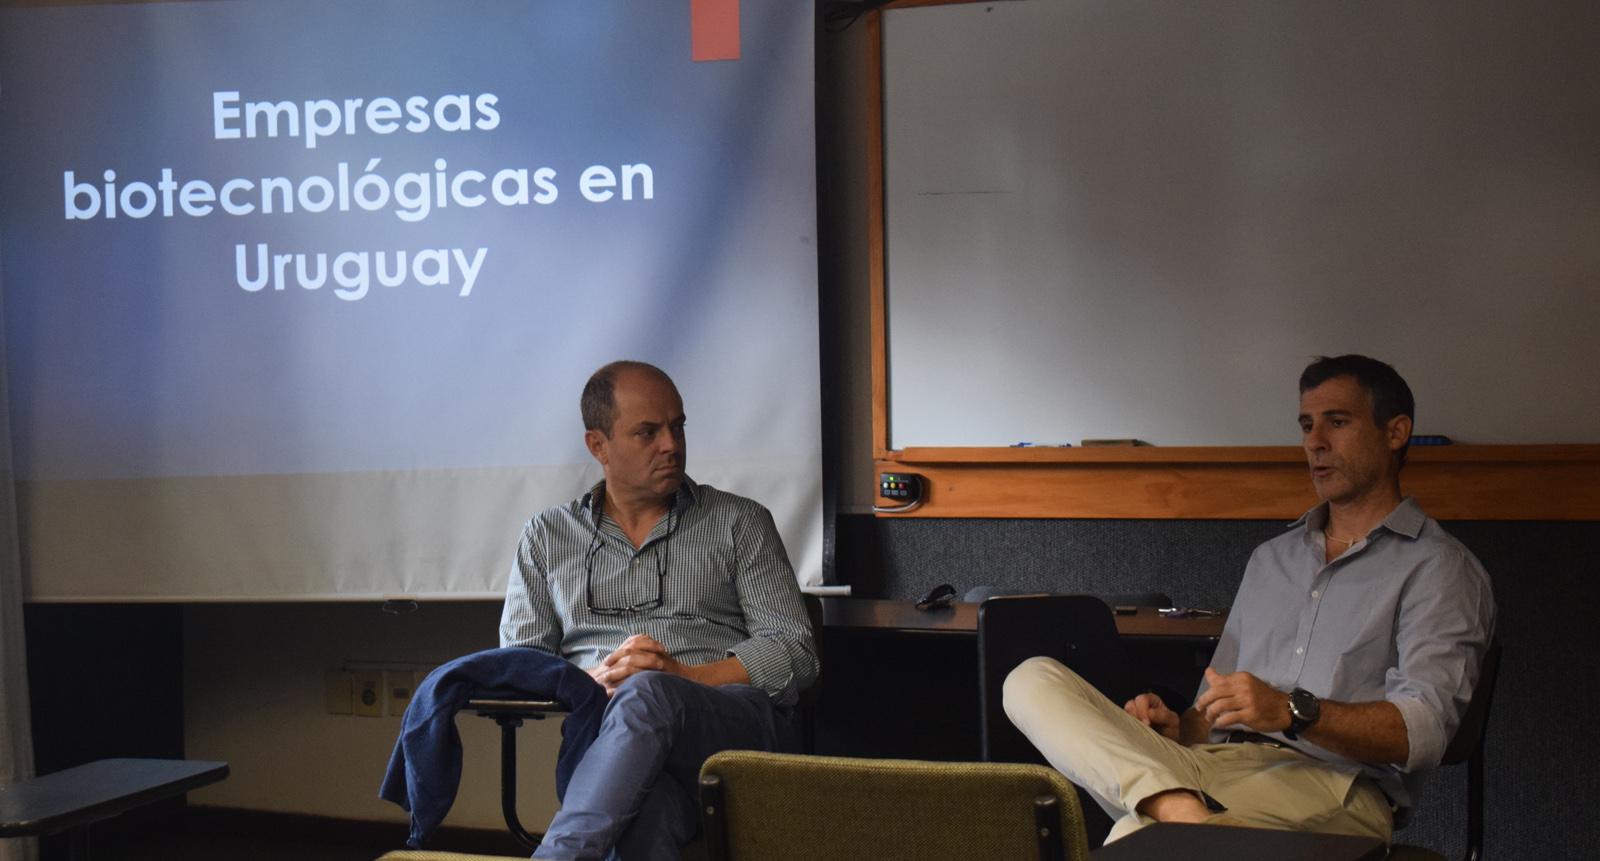 Empresas biotecnológicas en Uruguay